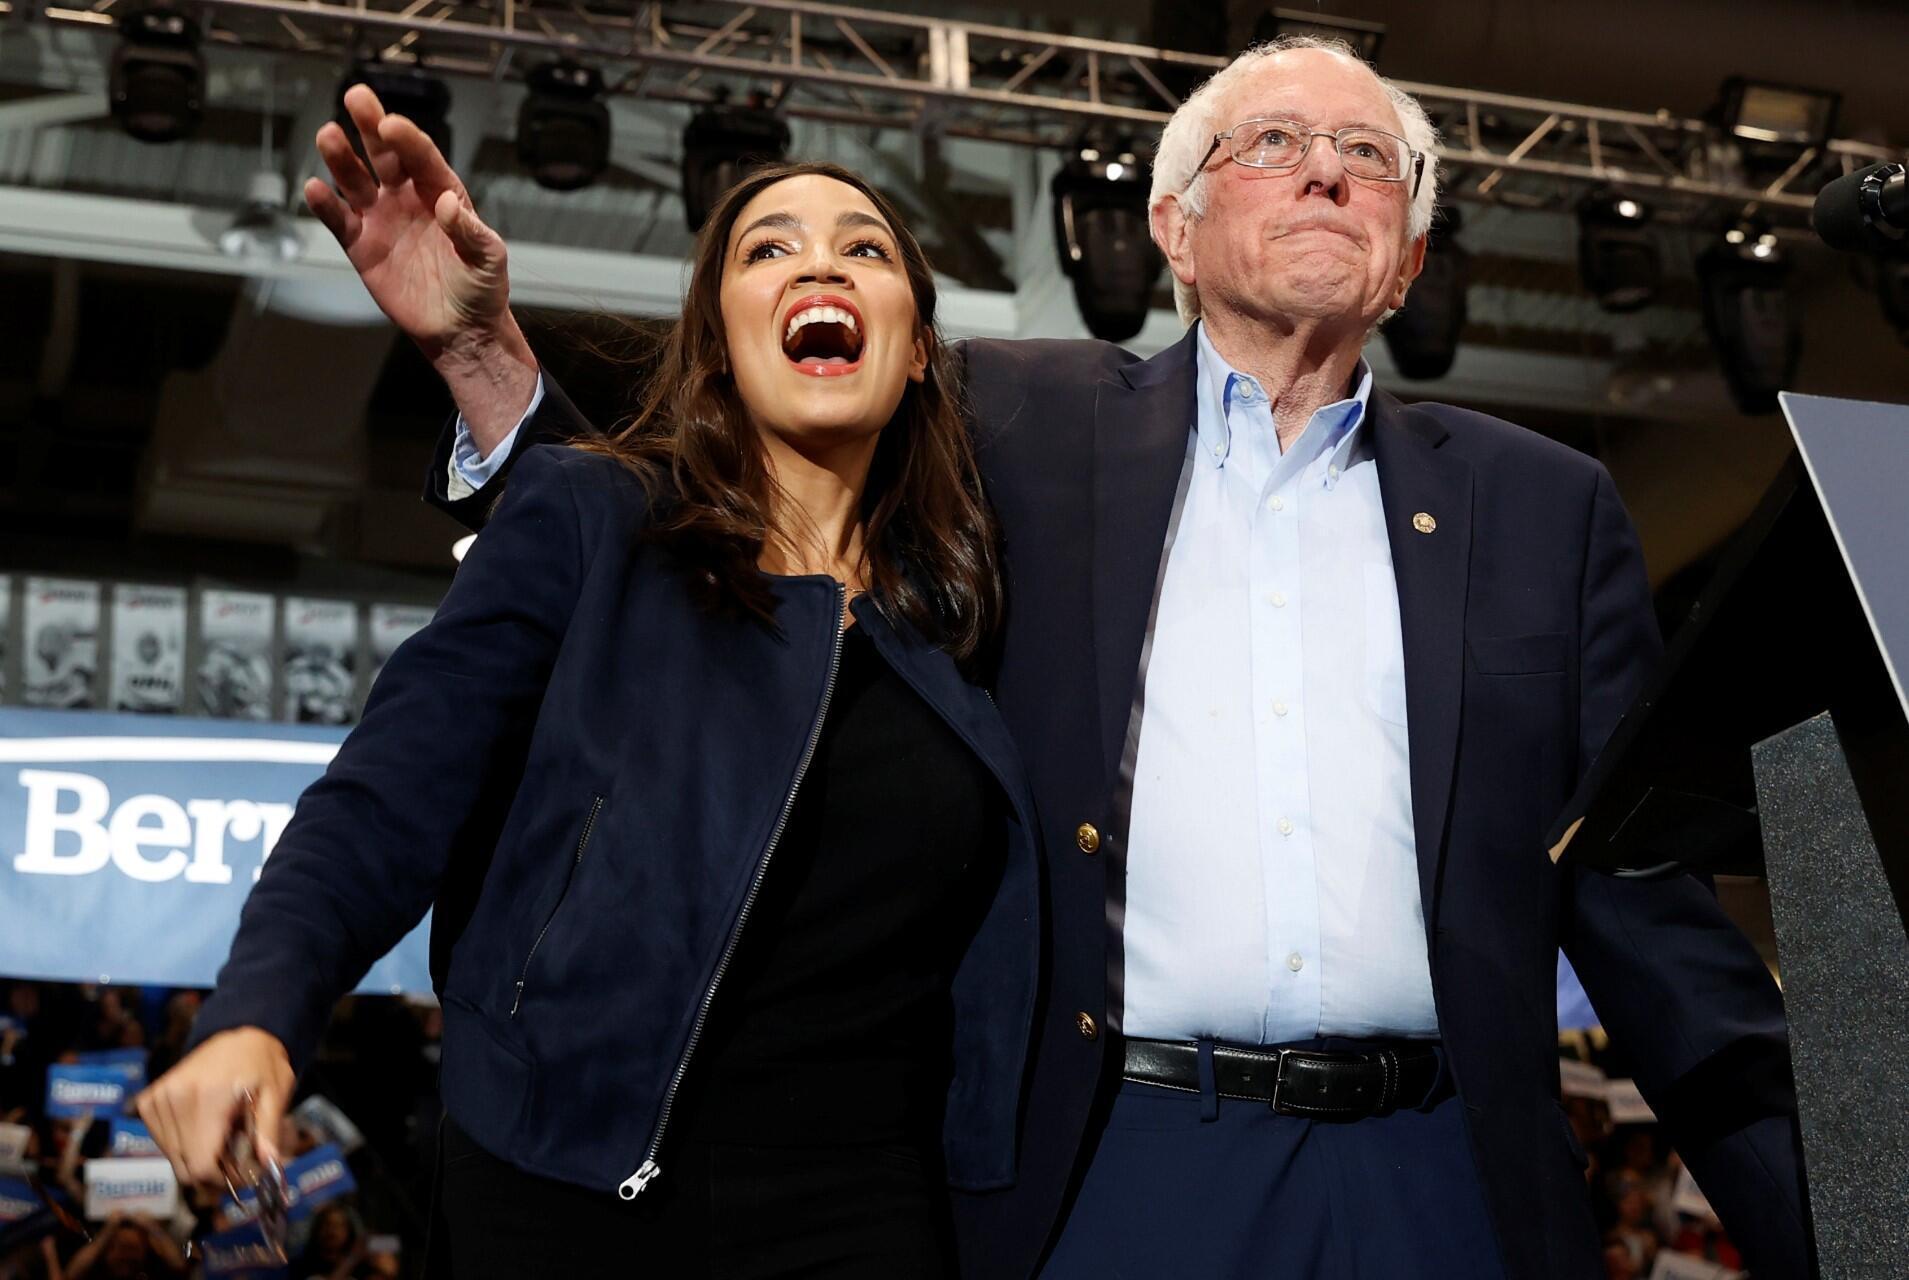 Archivo. El candidato demócrata a la presidencia estadounidense, el senador Bernie Sanders, sube al escenario con la representante estadounidense Alexandria Ocasio Cortez (D-NY) en un mitin y concierto de campaña en la Universidad de New Hampshire un día antes de las elecciones primarias presidenciales de New Hampshire en Durham, New Hampshire, EE. UU. 10 de febrero de 2020.